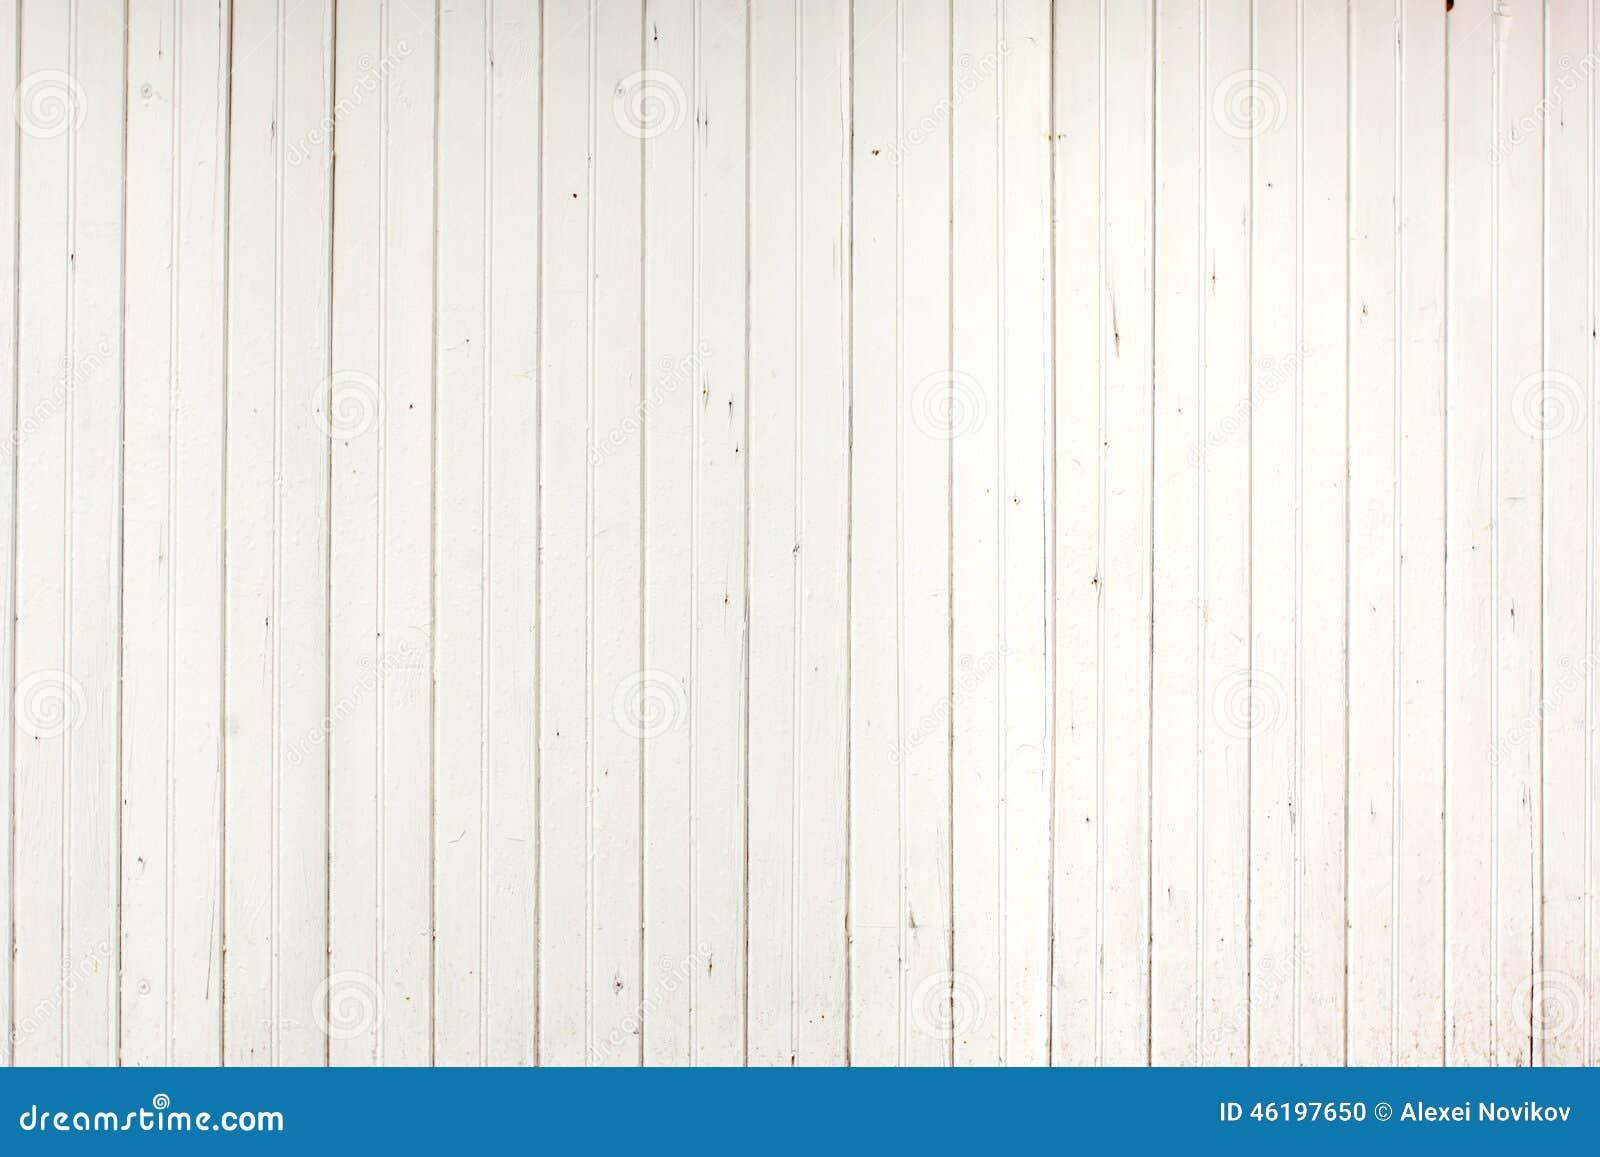 White Wood Planks Panel Stock Photo Image 46197650